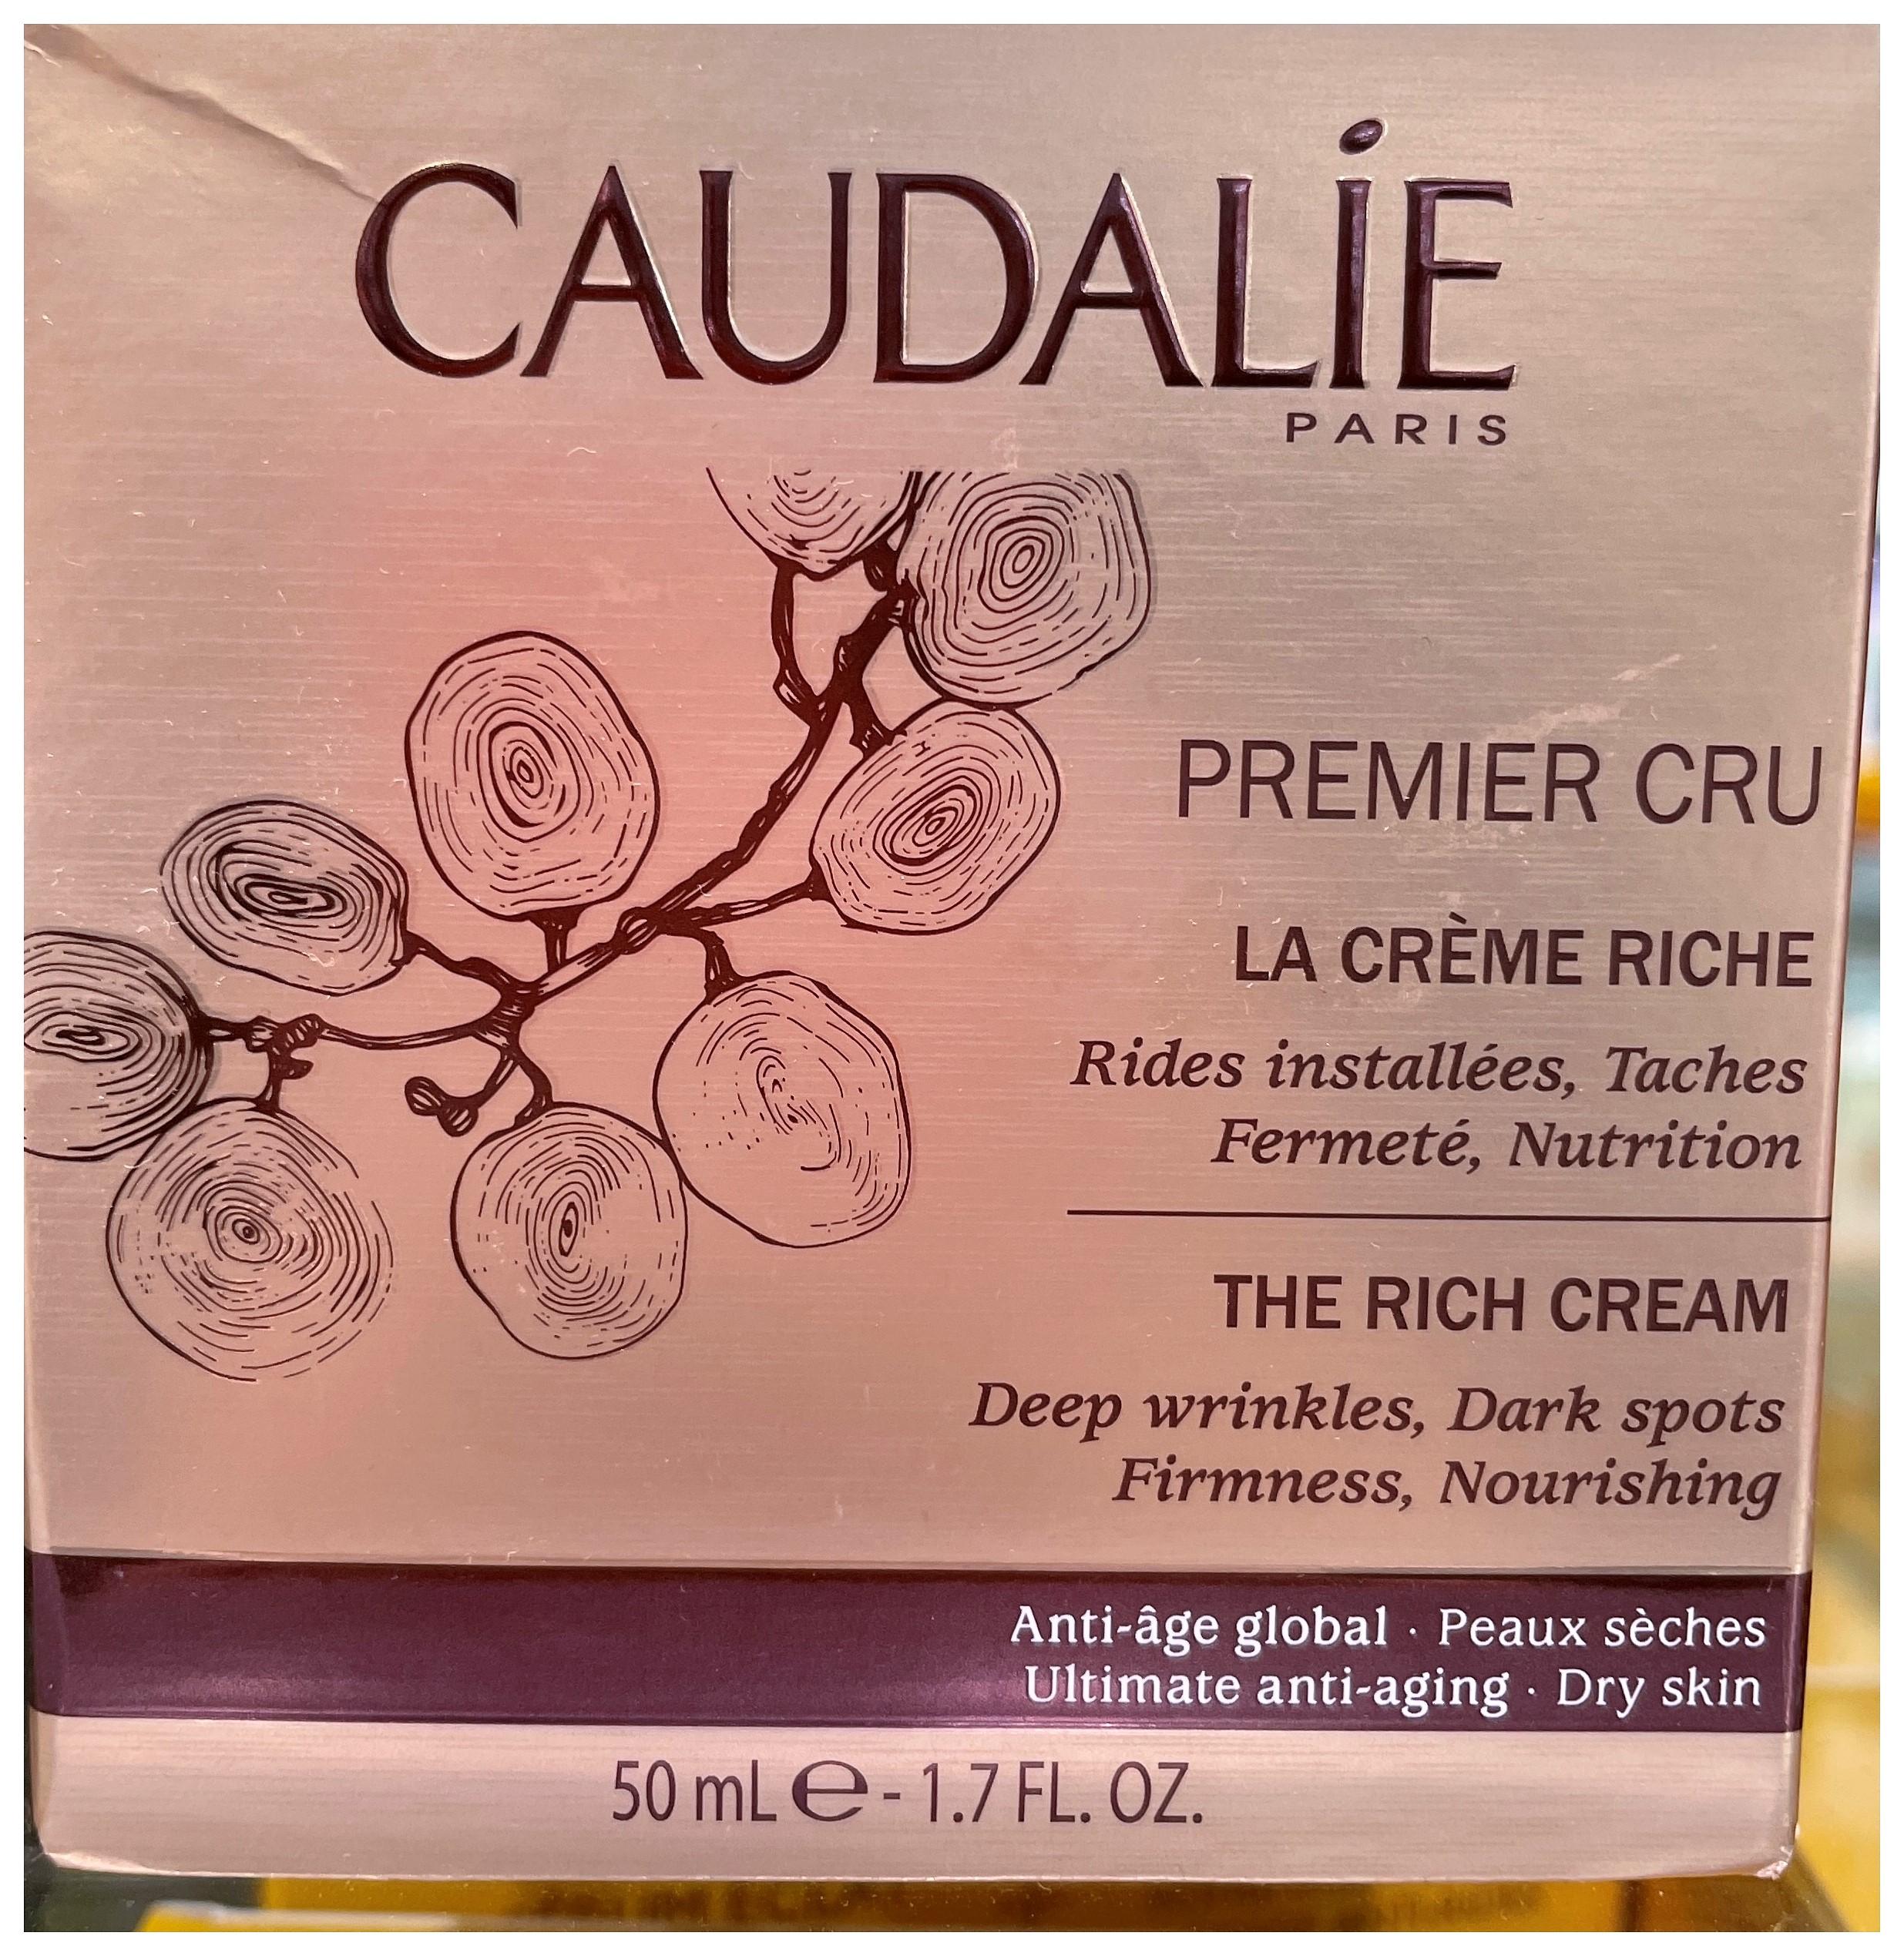 Premier Cru La Crema Riche lleva a cabo una acción antiedad completa para rejuvenecer visiblemente la piel. Nutrida de manera intensa, la piel parece regenerada, redensificada